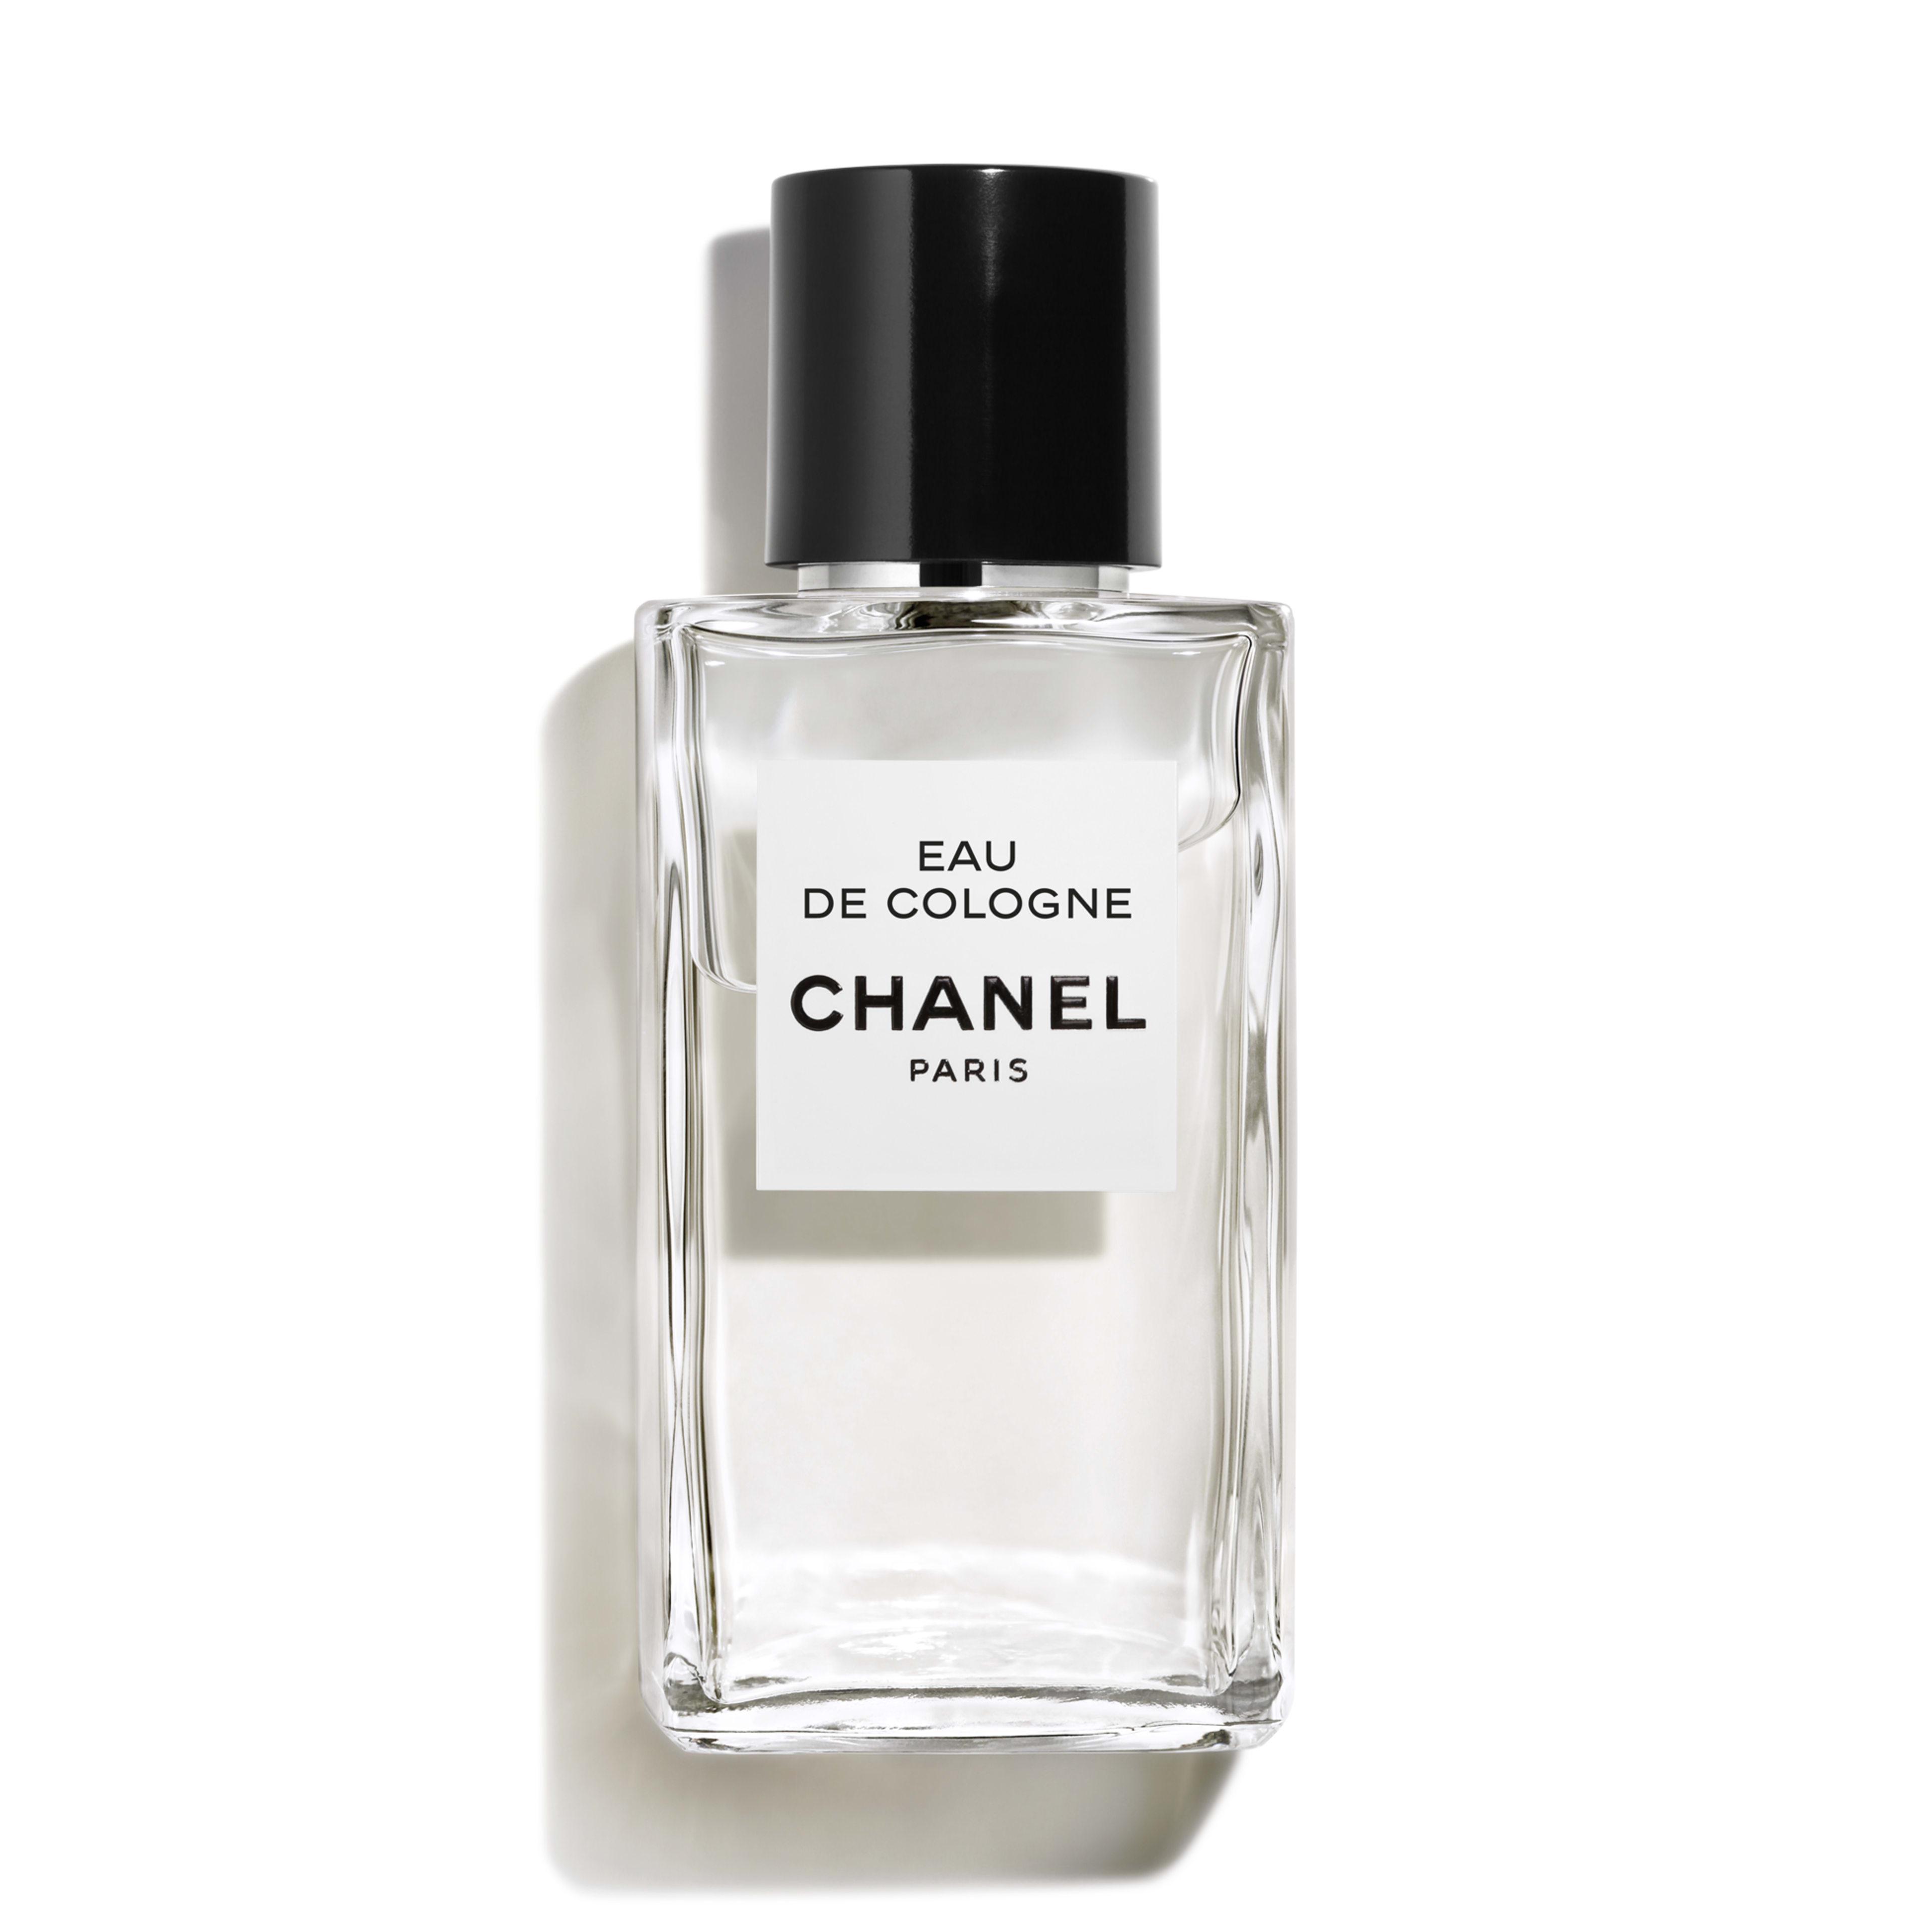 Chanel Les Exclusifs De Chanel Eau de Cologne, 75ml, Kolínská voda